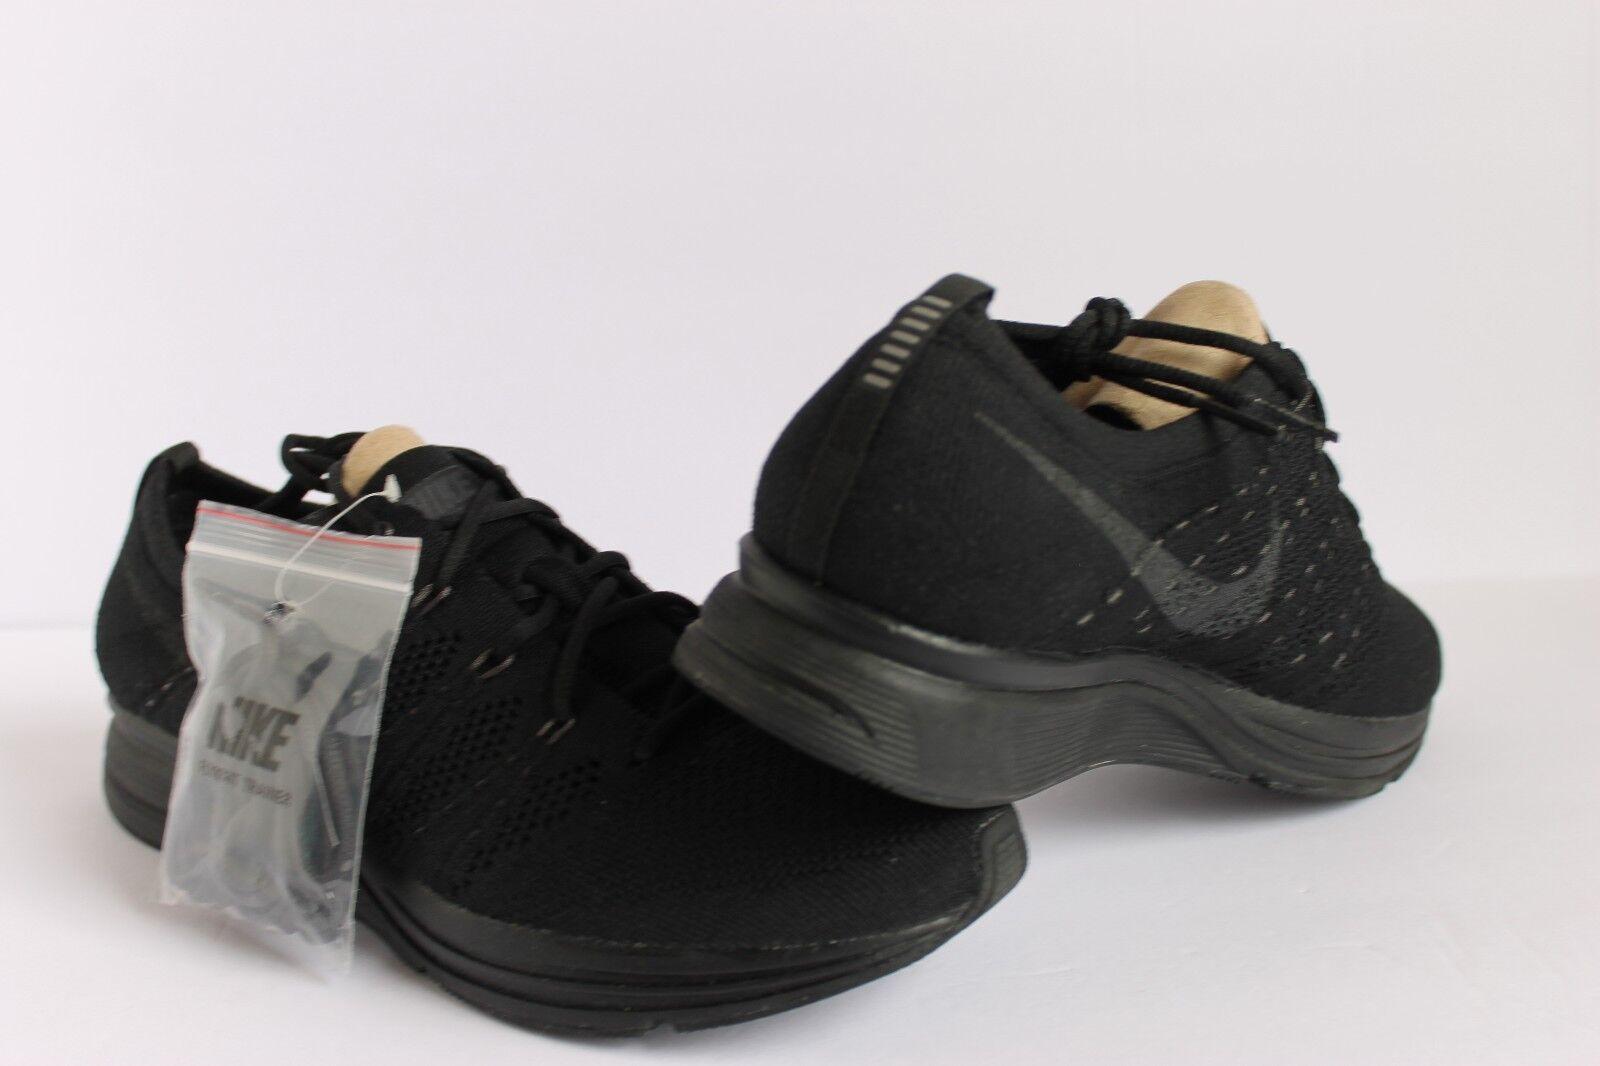 Nike flyknit trainer drei schwarze anthrazit männer 8,5 laufschuh laufschuh laufschuh [ah8396-004] 8d826d